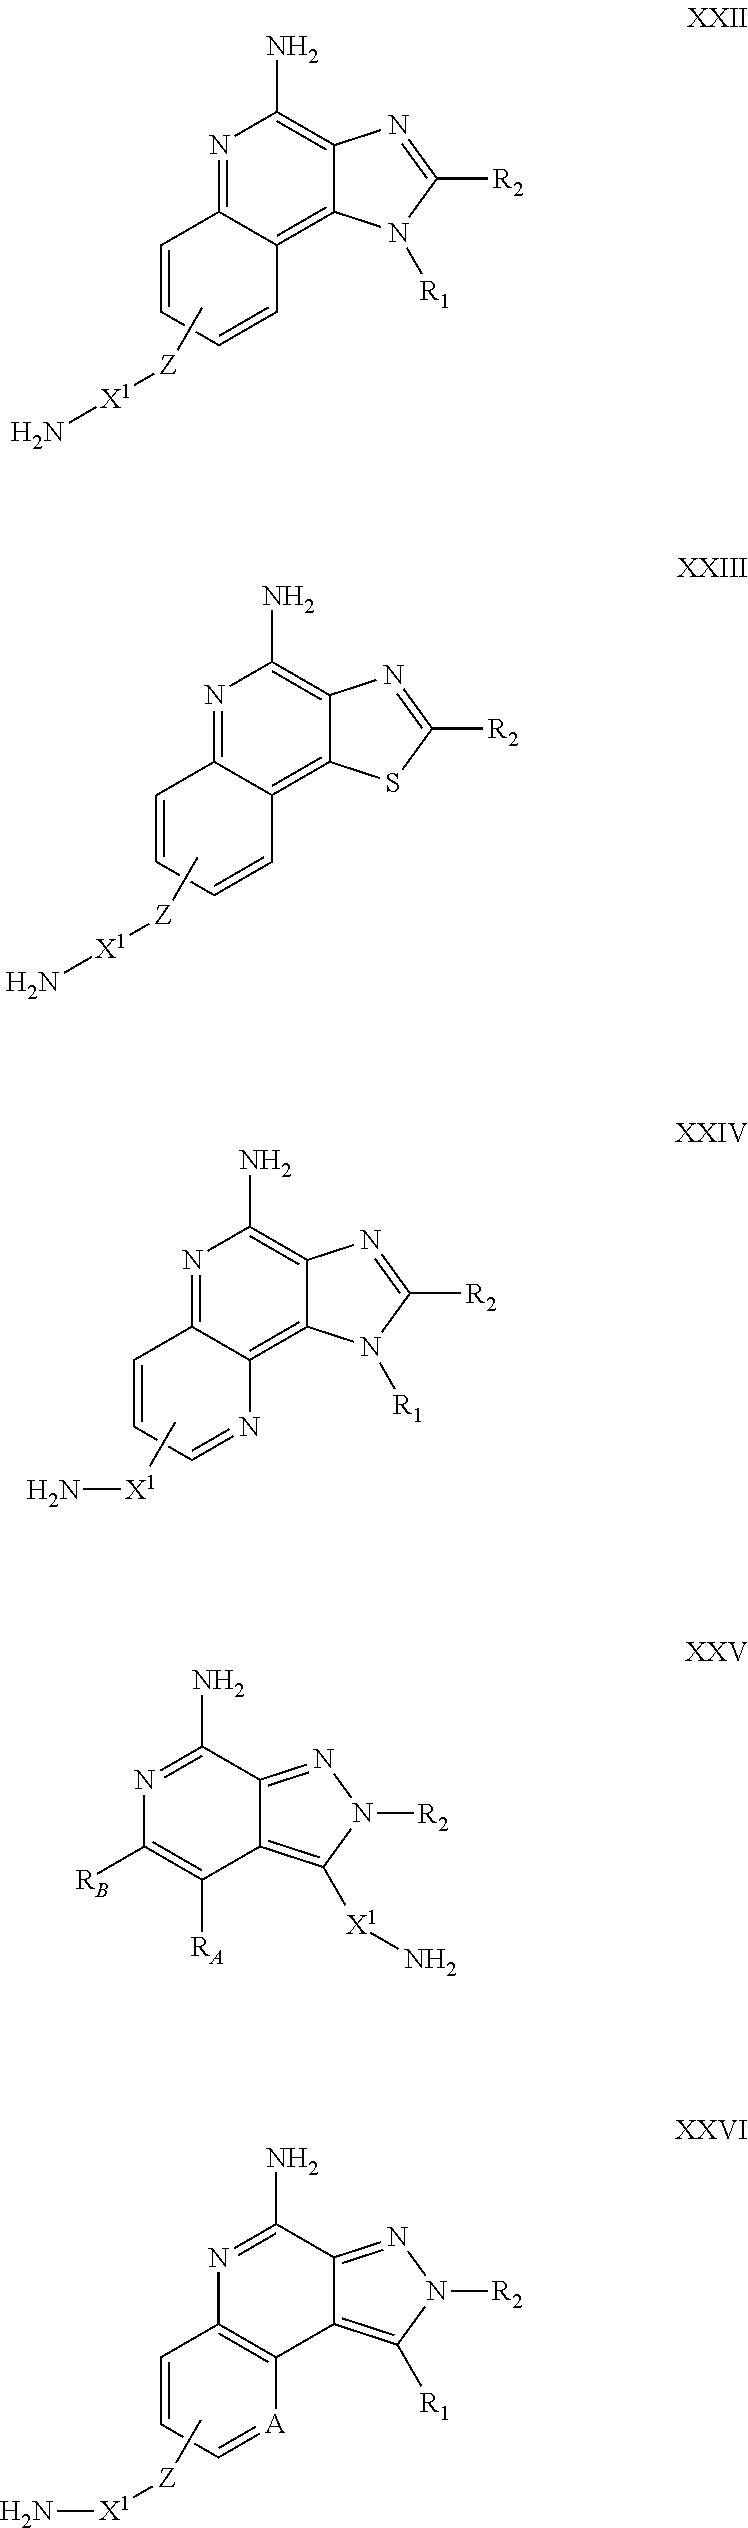 Figure US09475804-20161025-C00027